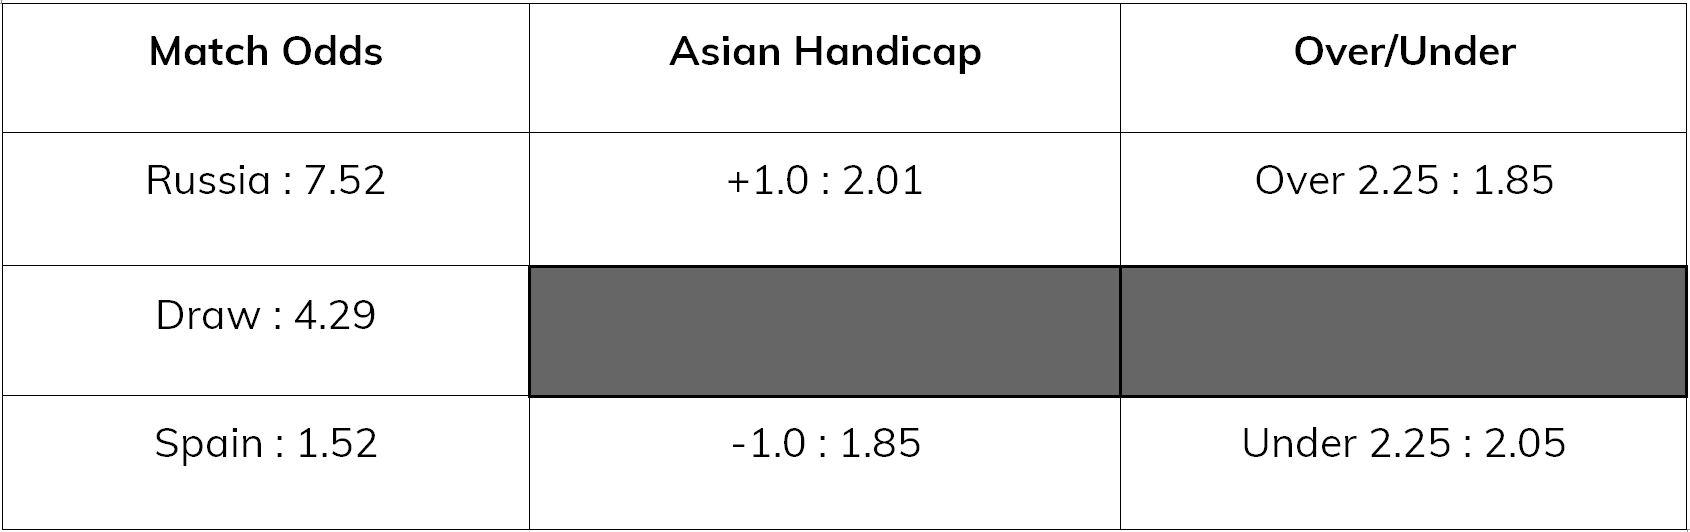 spain-v-russia-asian-handicap-010718-eastbridge7